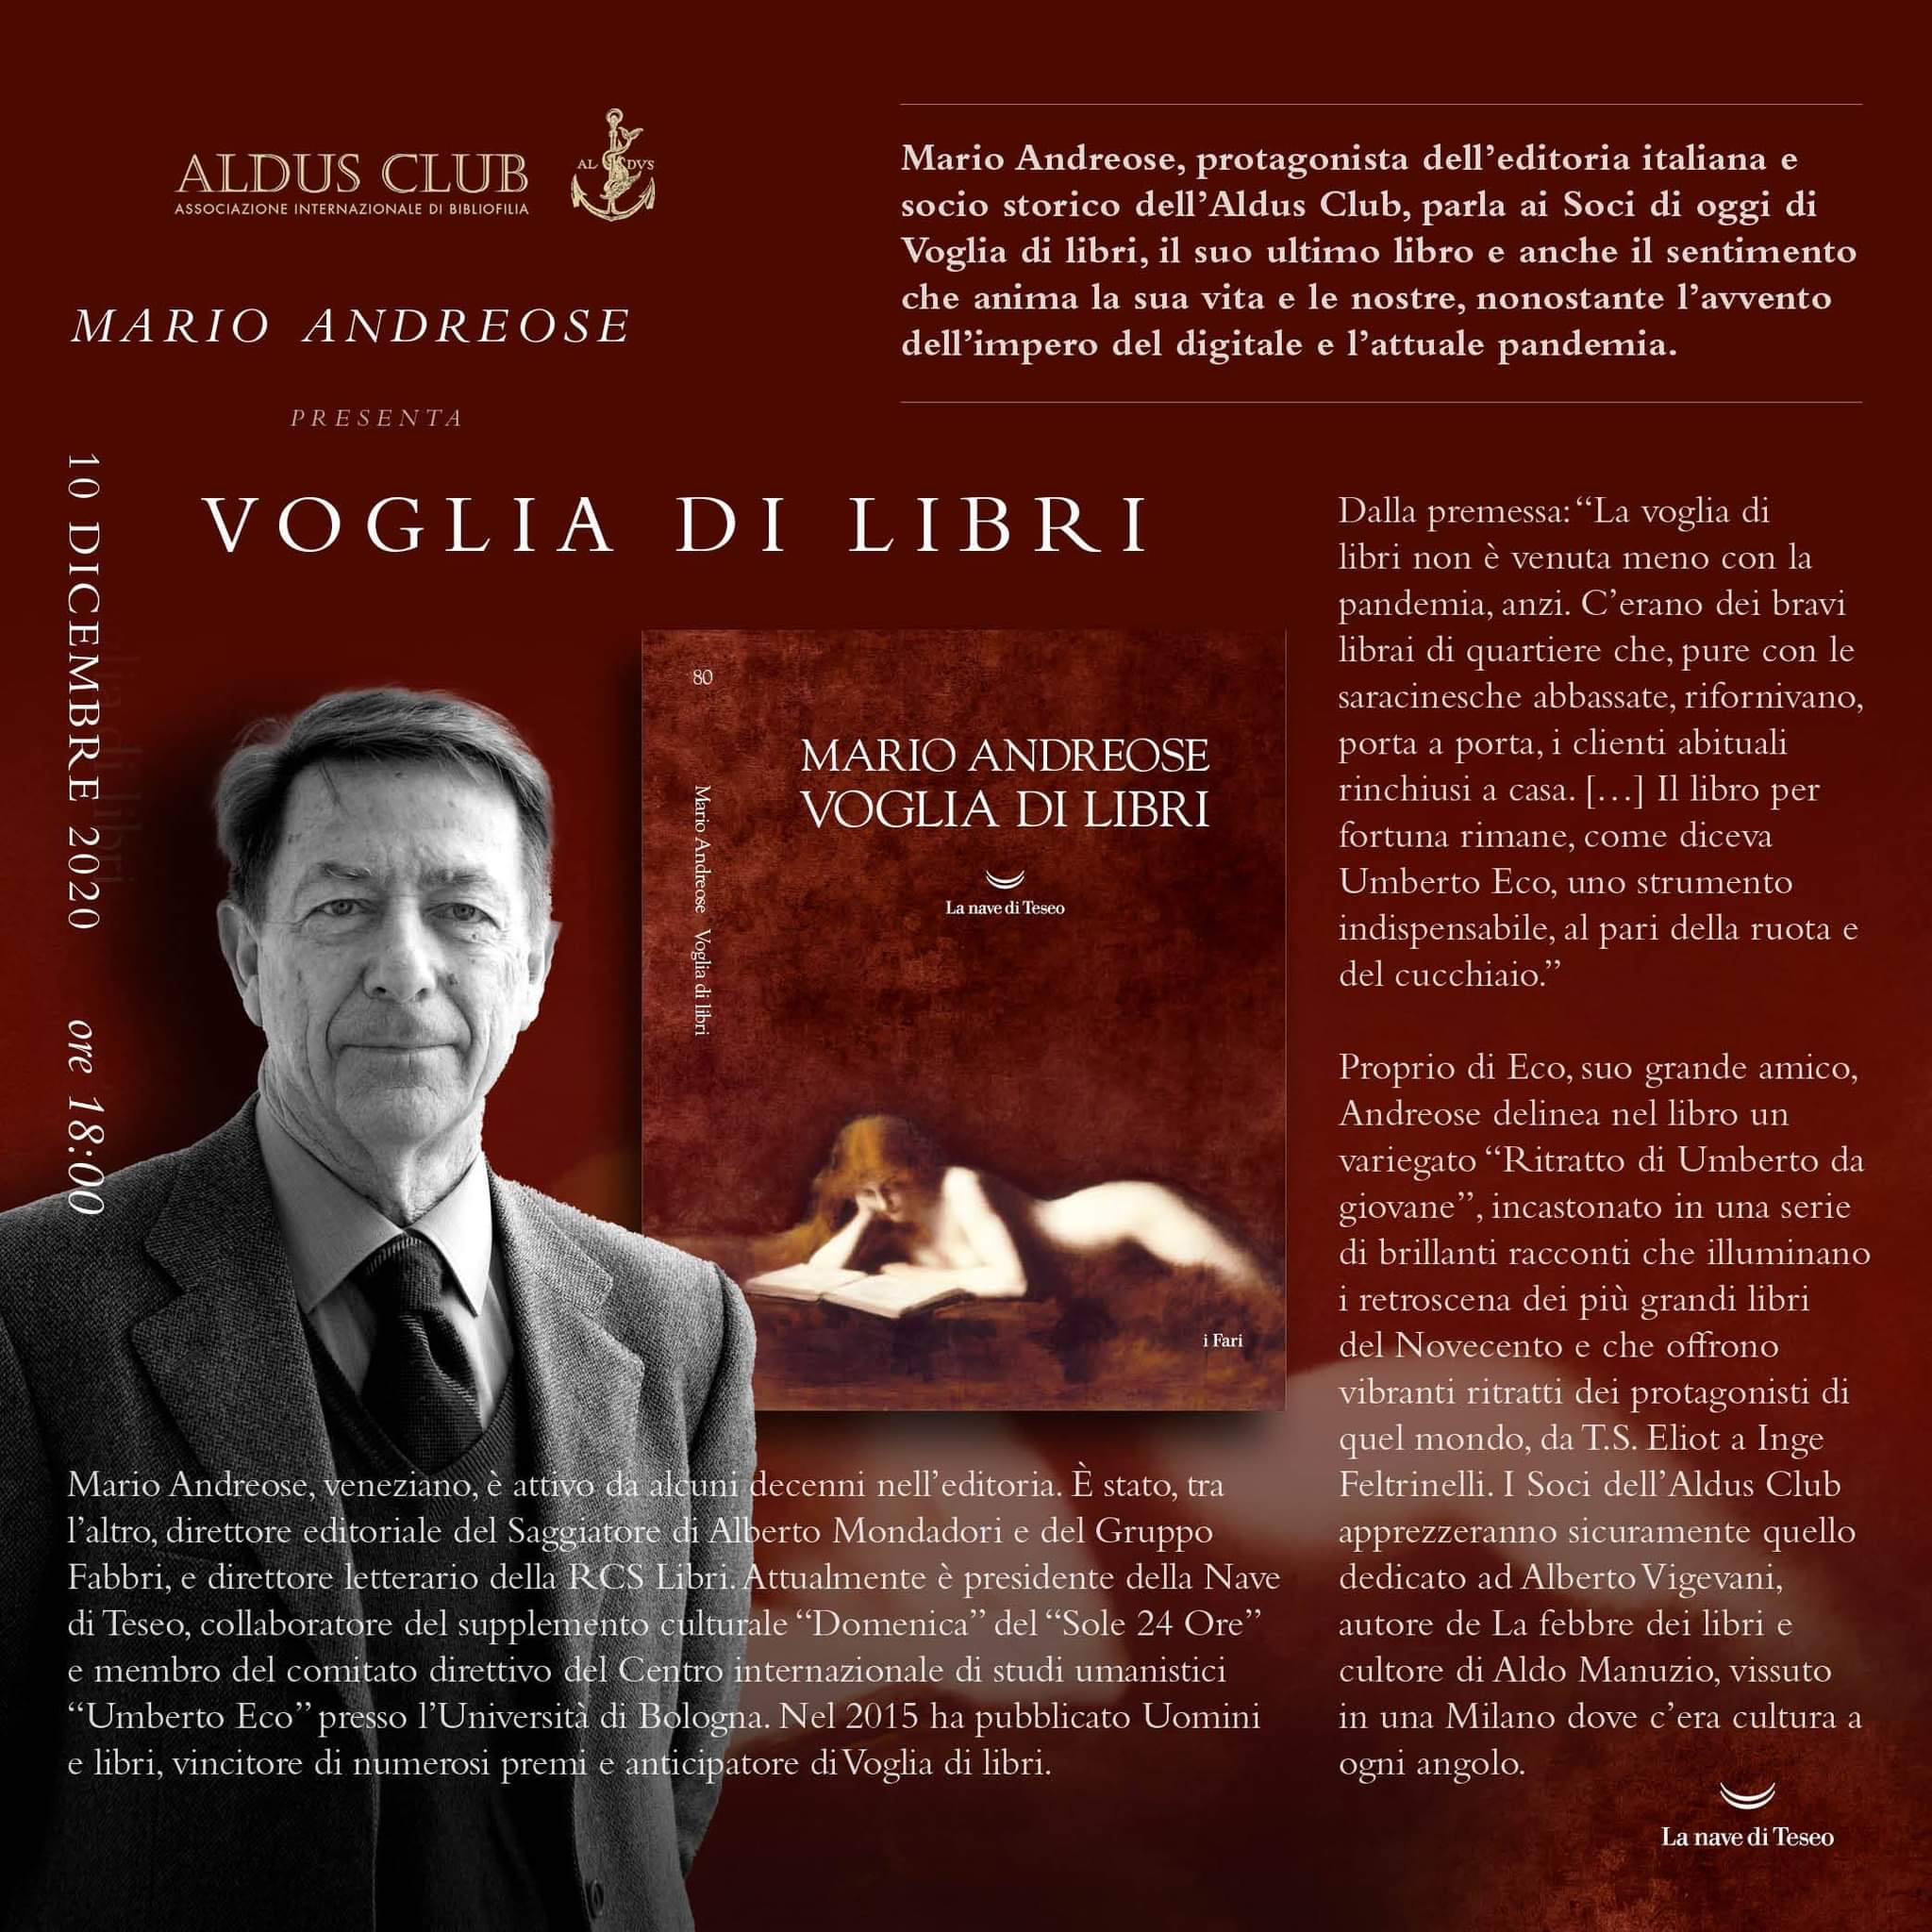 """La """"Voglia di libri"""" di Mario Andreose"""